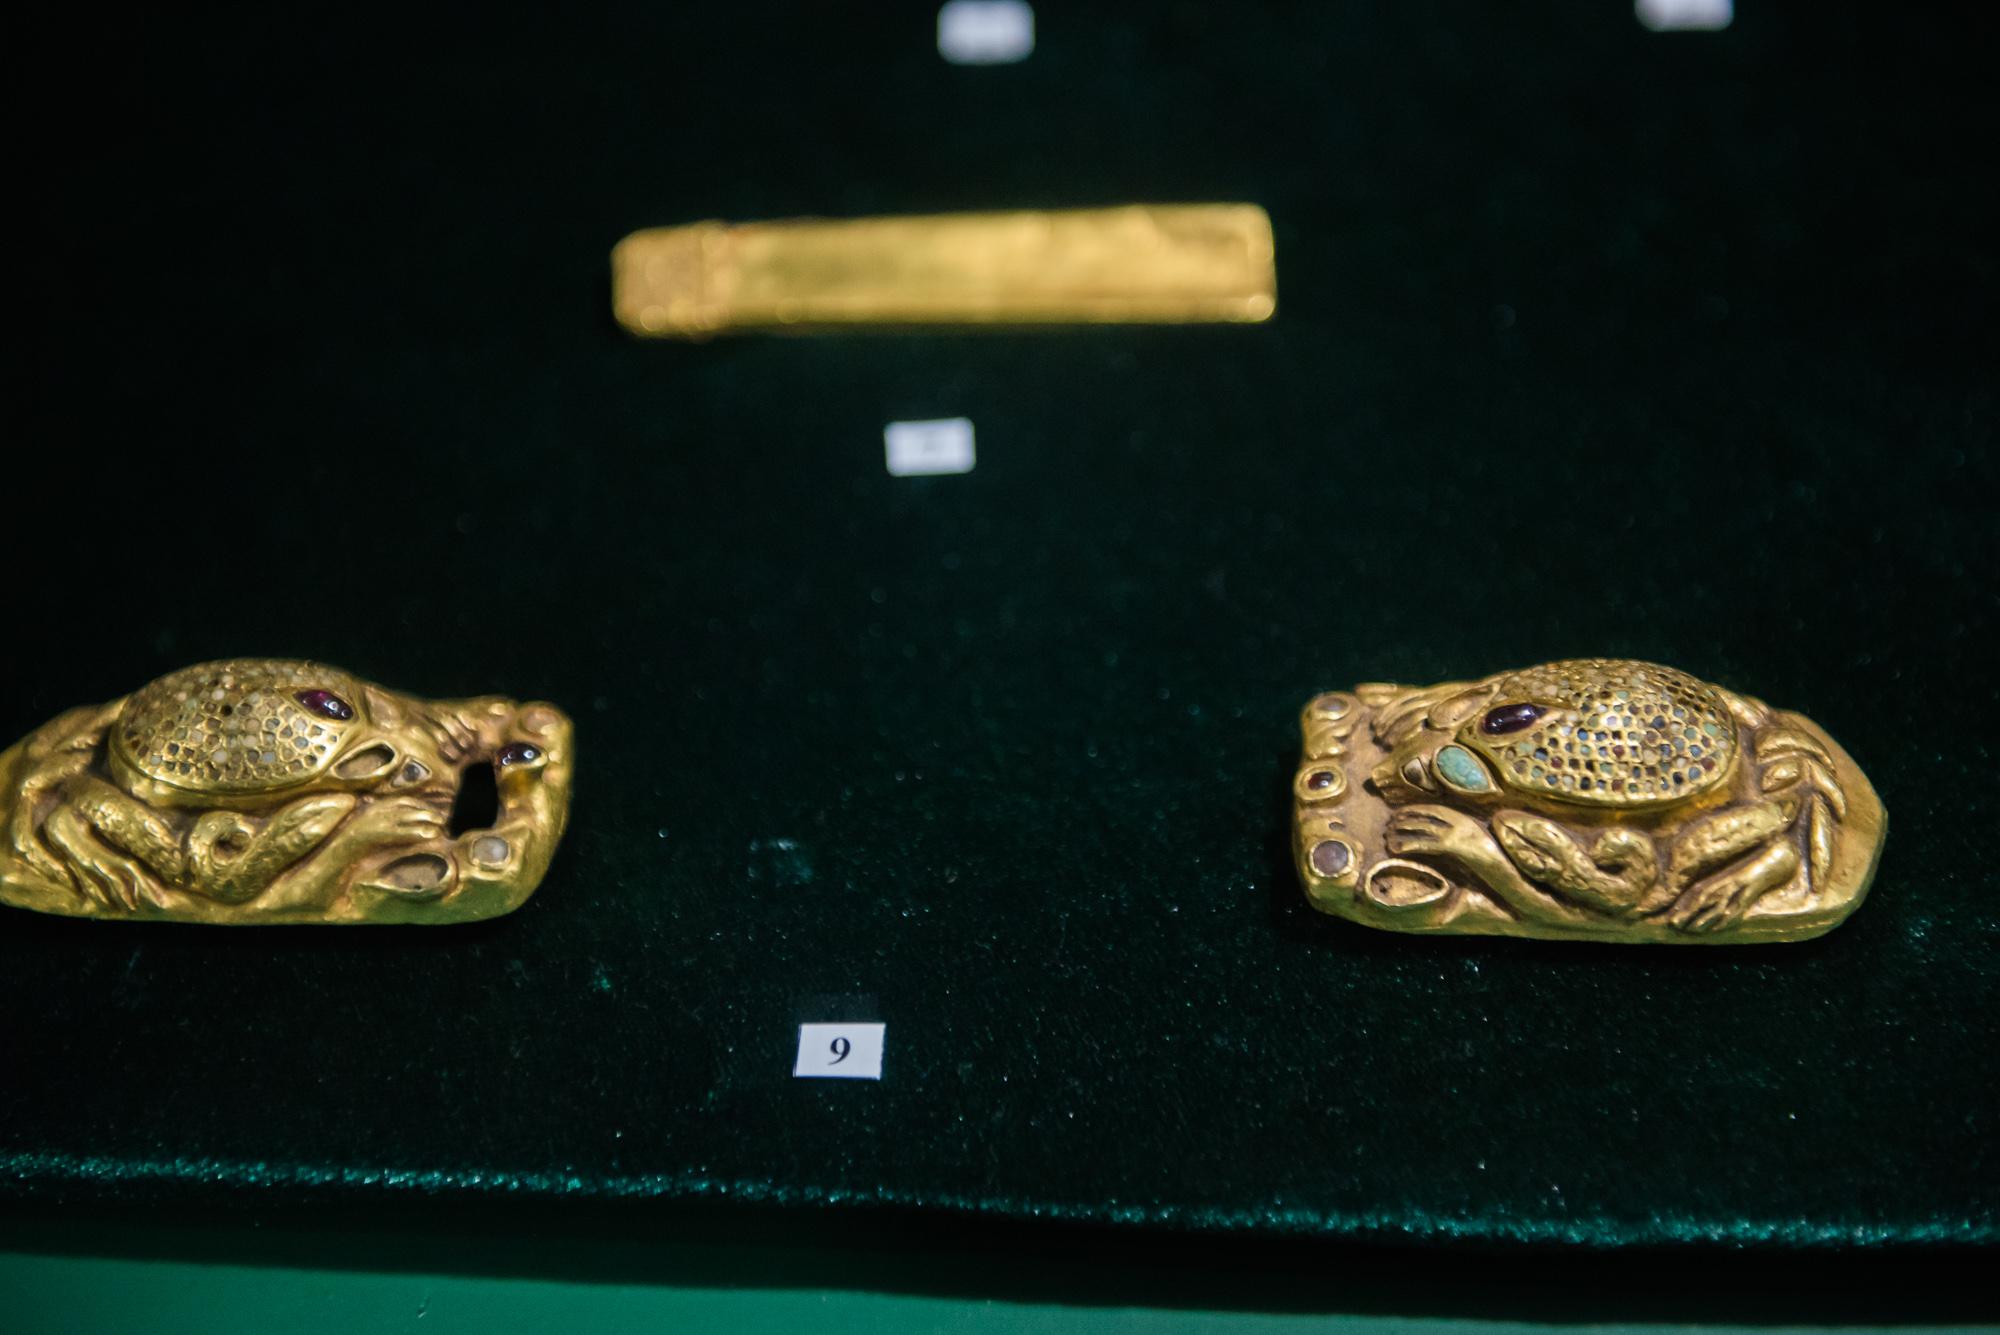 DSC 4551 Молчание золота